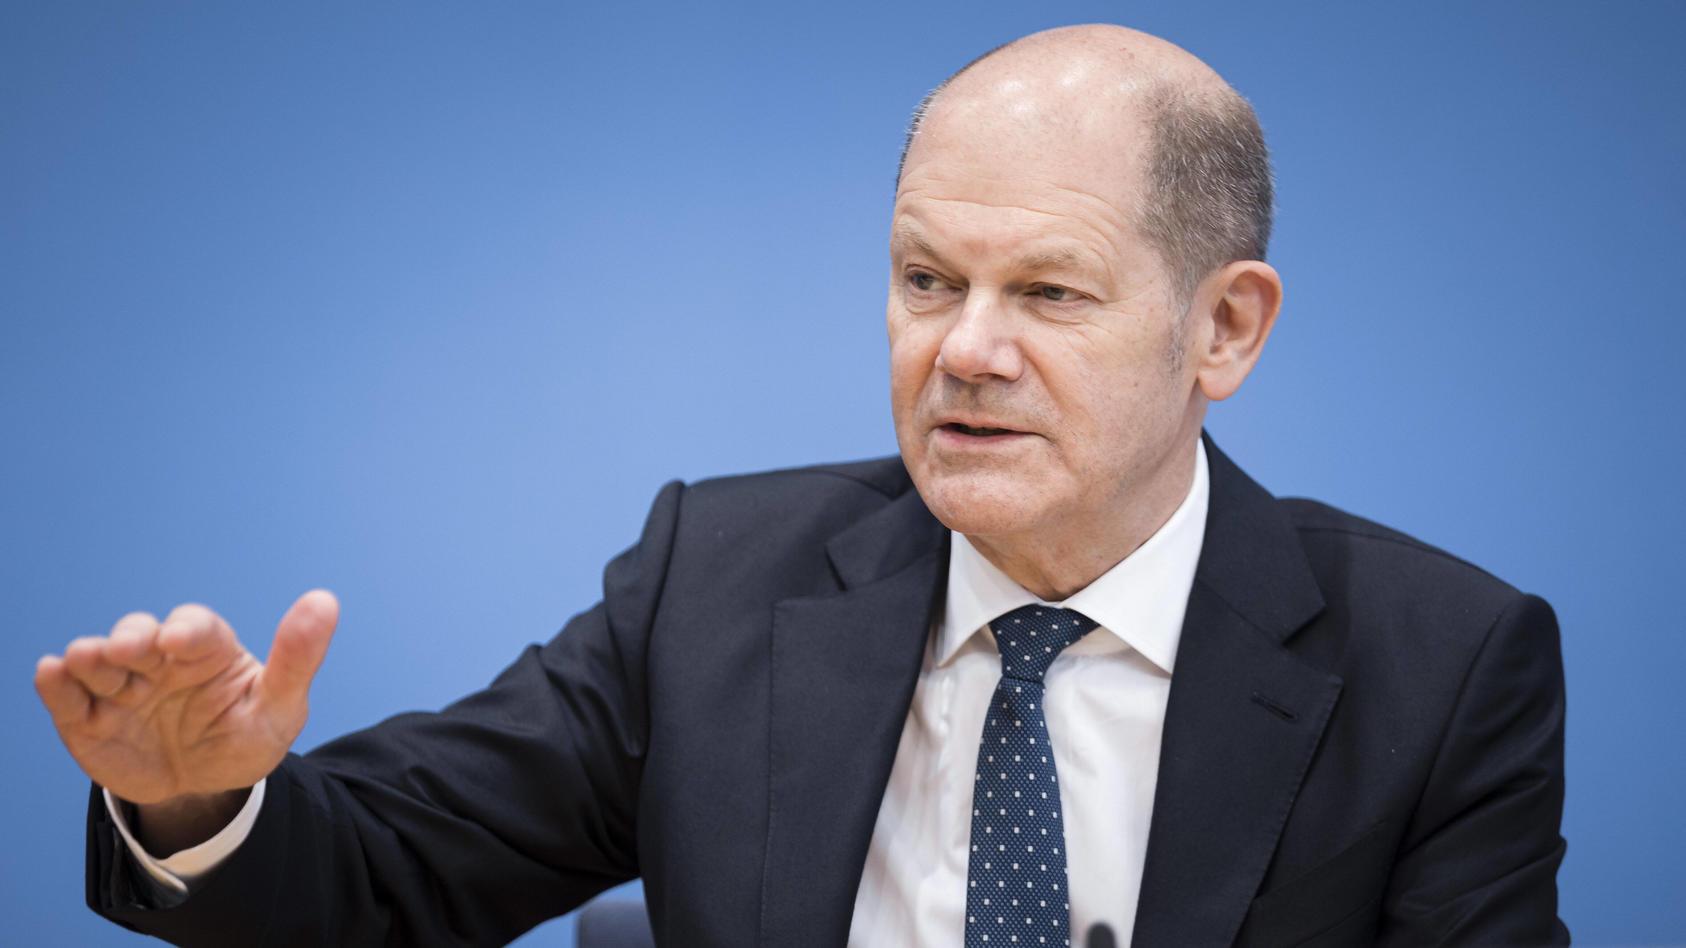 Bundesfinanzminister Olaf Scholz, SPD, will Mindestpreise für Flüge, die über der Summe der Gebühren liegen